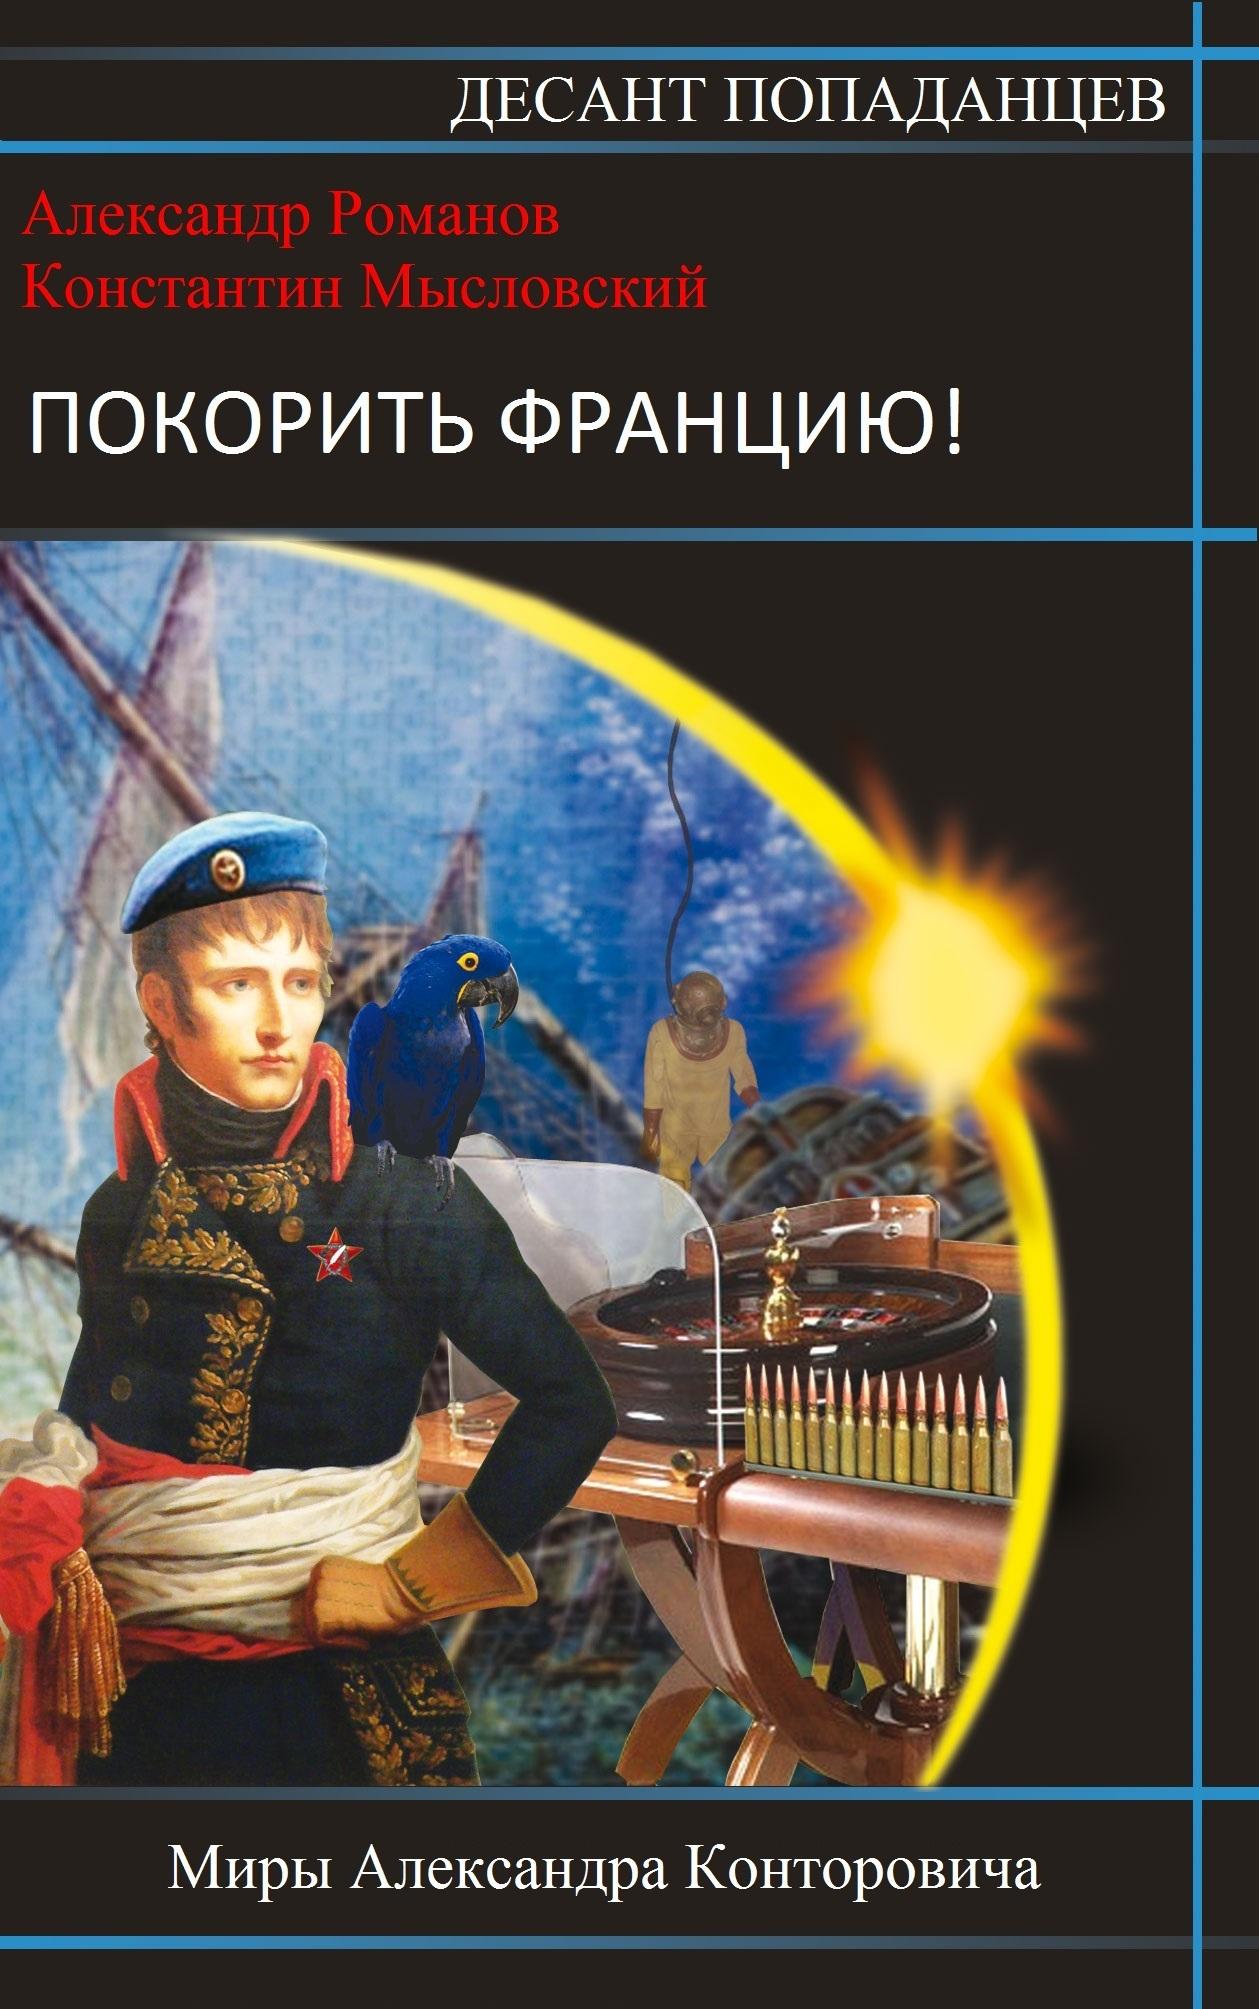 Александр Романов, Константин Мысловский - Покорить Францию!